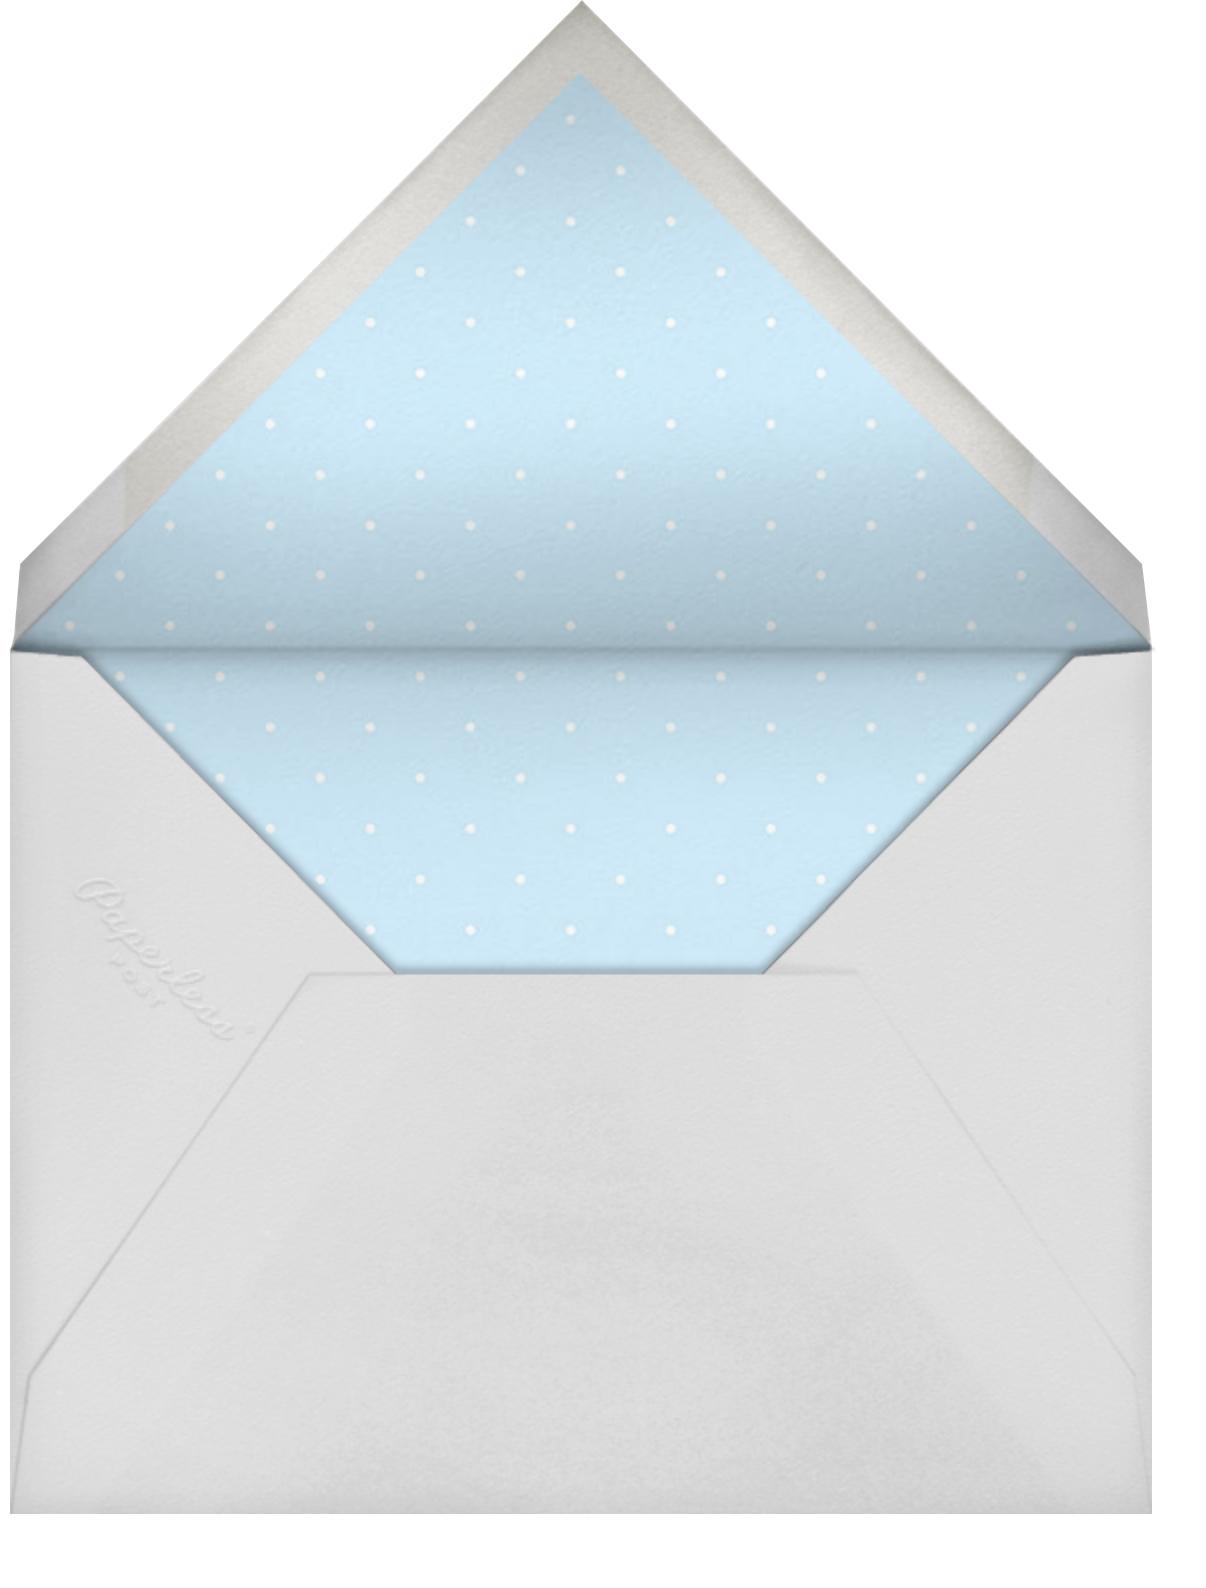 New York Skyline Snowglobe - Paperless Post - Winter entertaining - envelope back